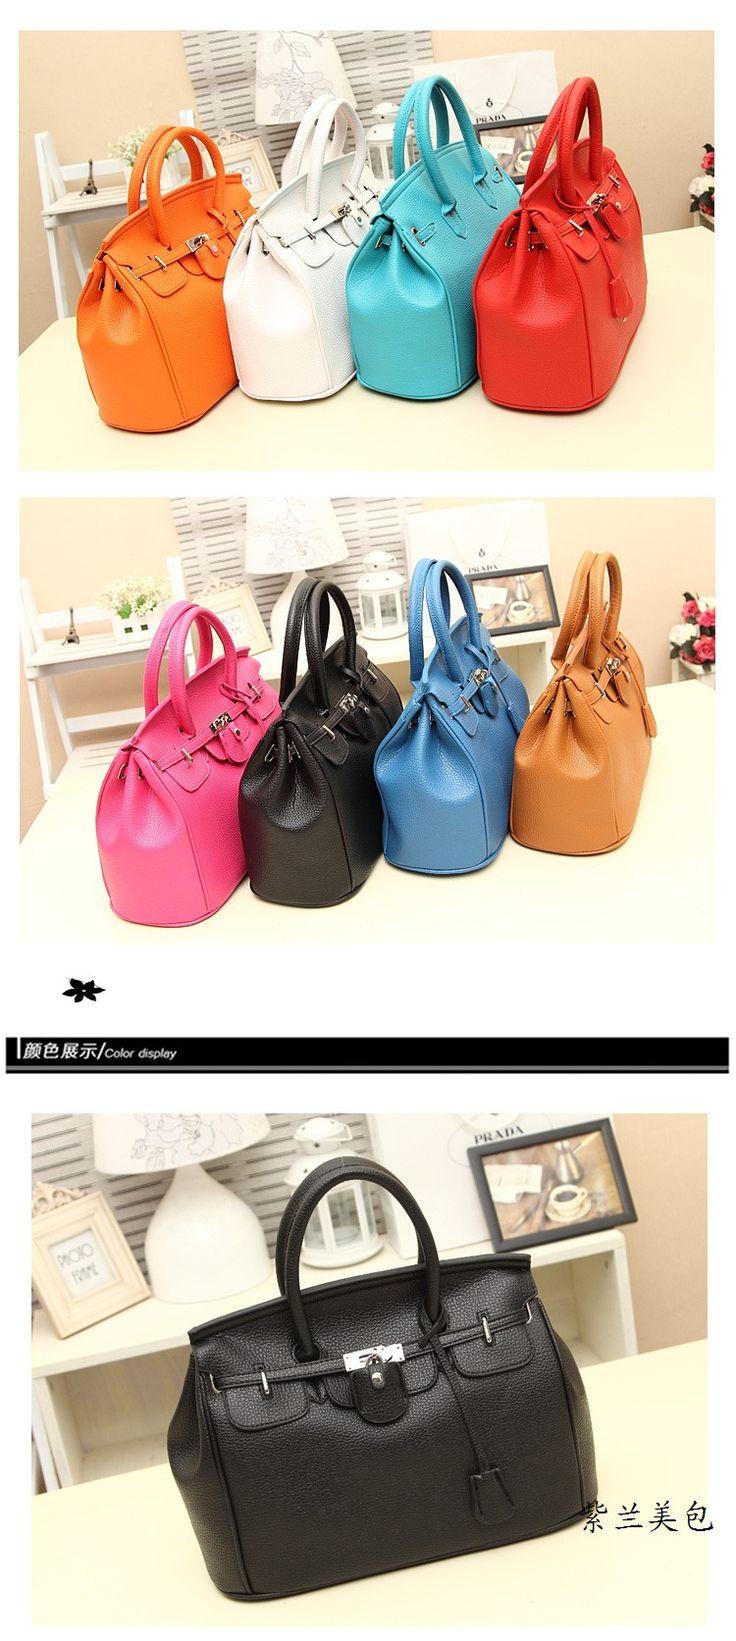 мешок мешки звезды личи платины сумка женская мода винтаж мешок, принадлежащий категории Сумки с короткими ручками и относящийся к Чемоданы и сумки на сайте AliExpress.com   Alibaba Group